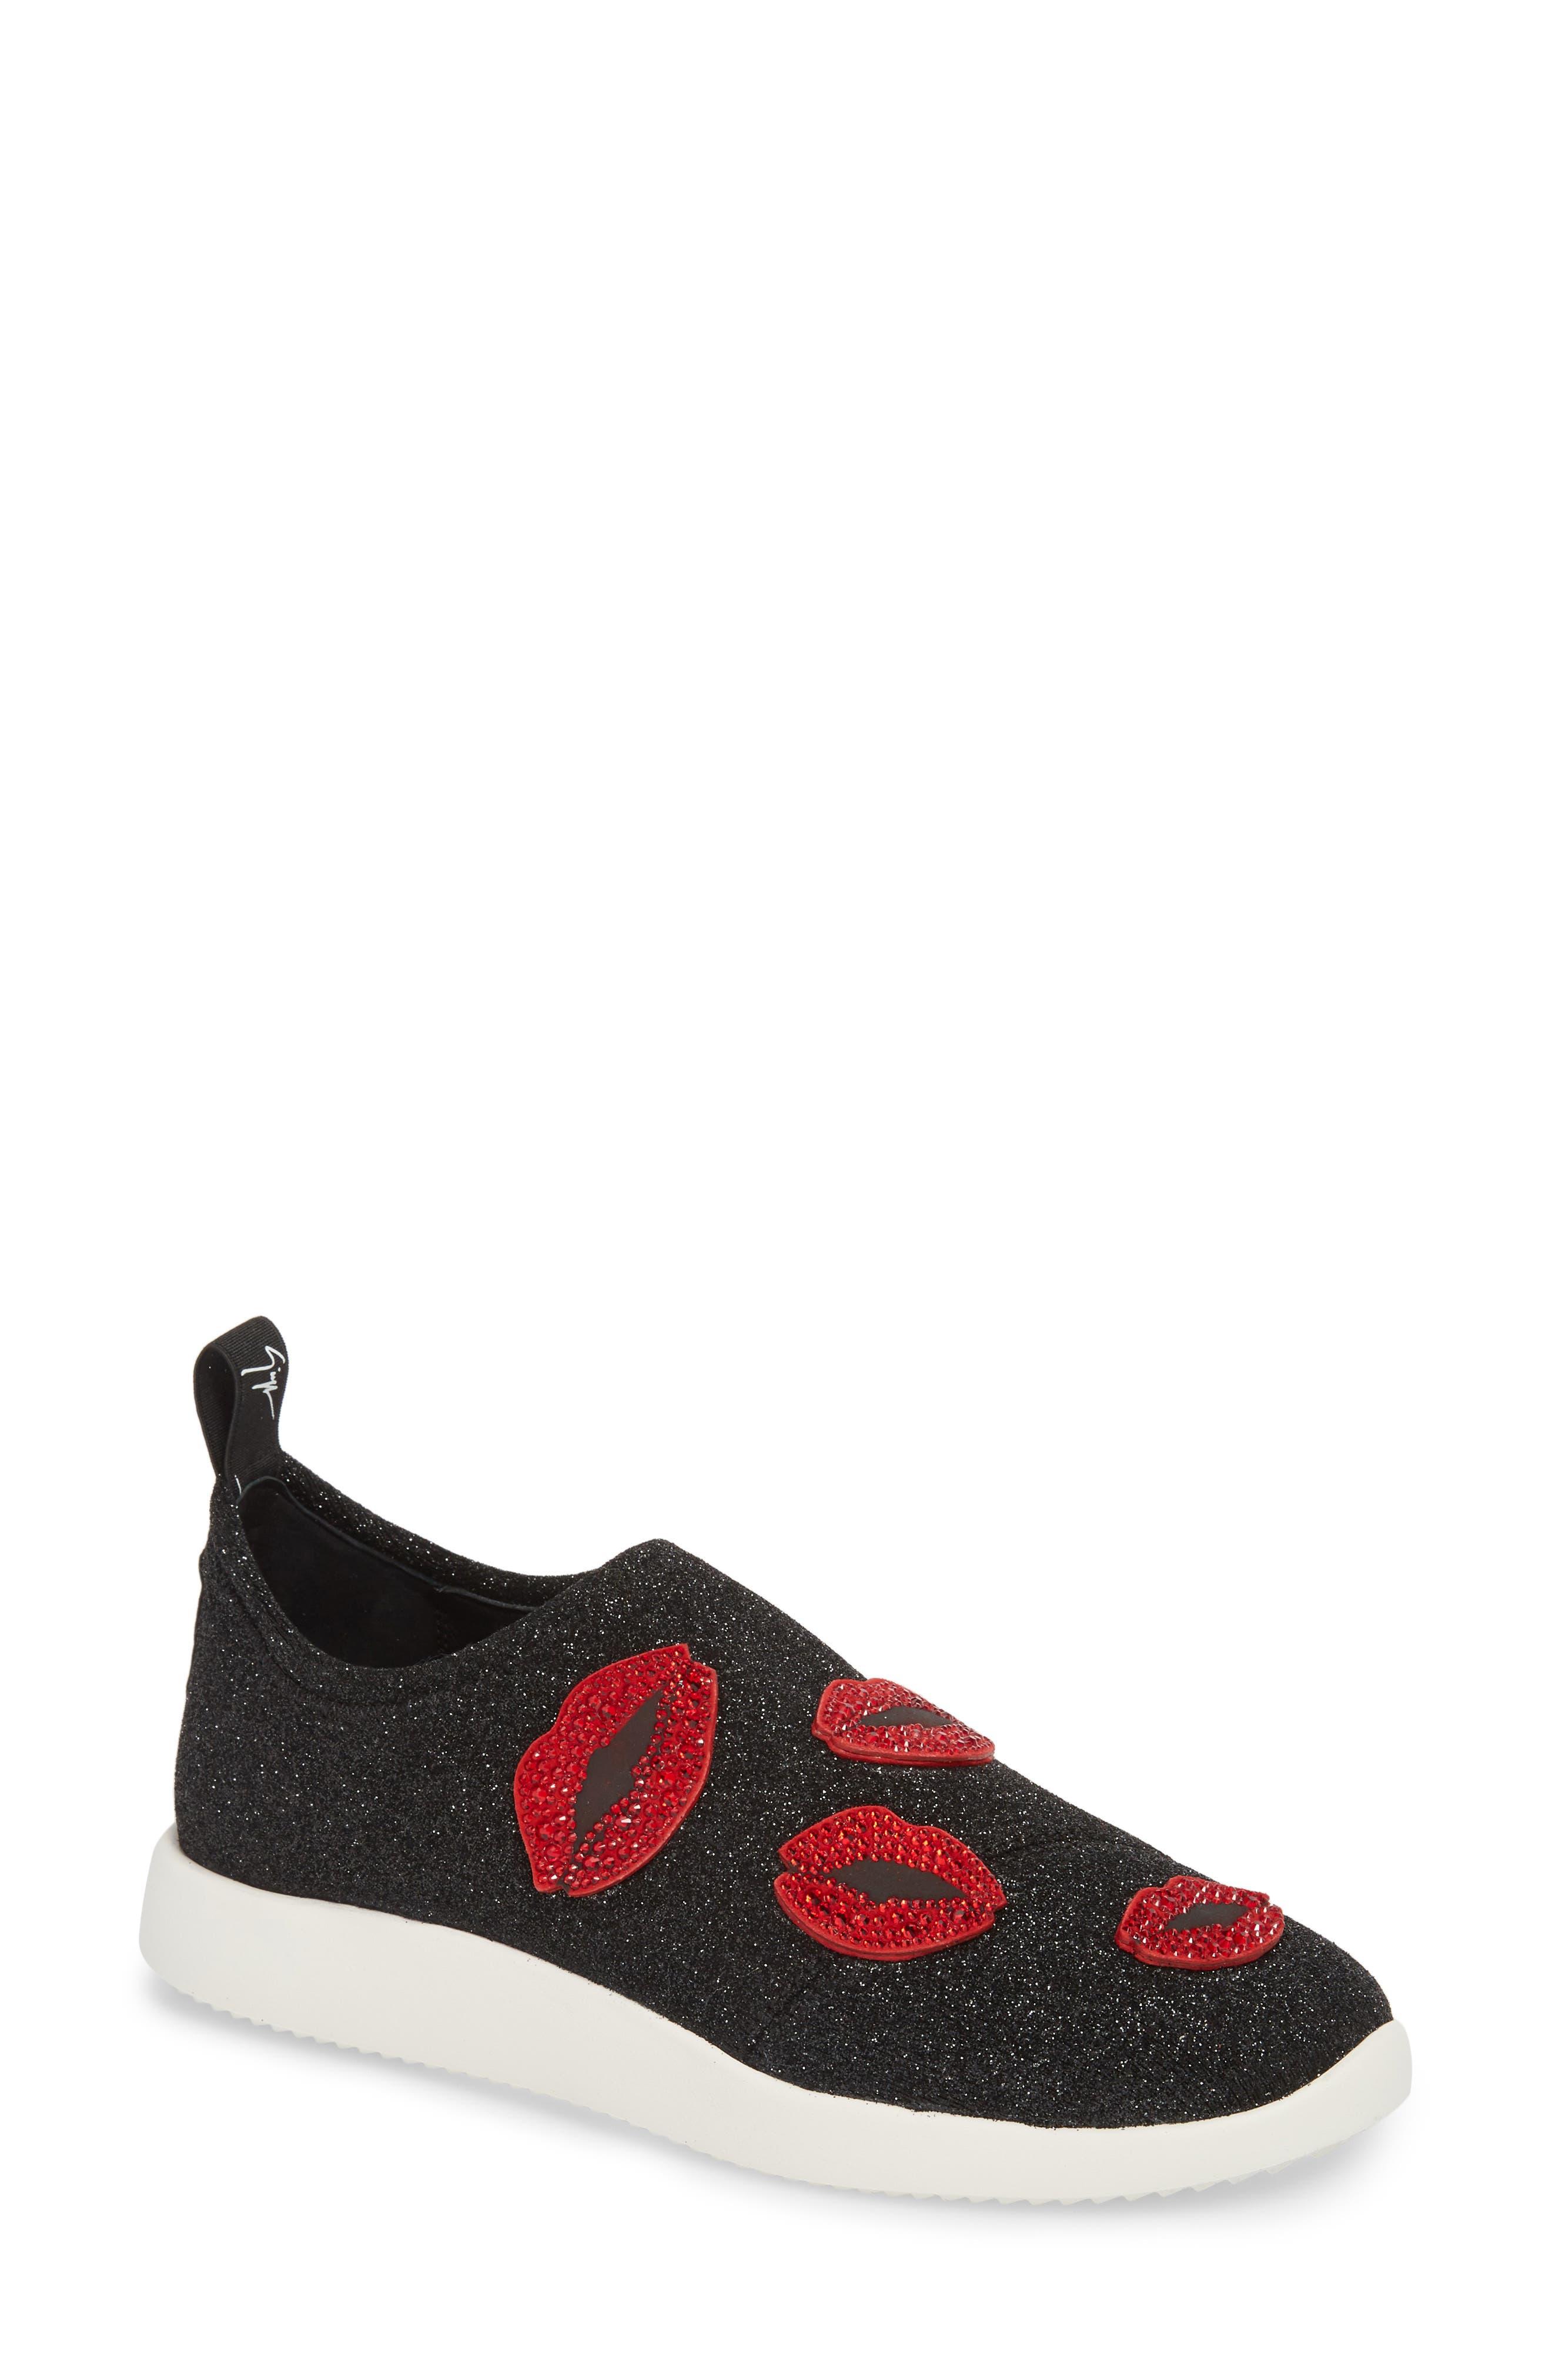 Giuseppe Zanotti Women's Lips Slip-On Sneaker D61GKfm